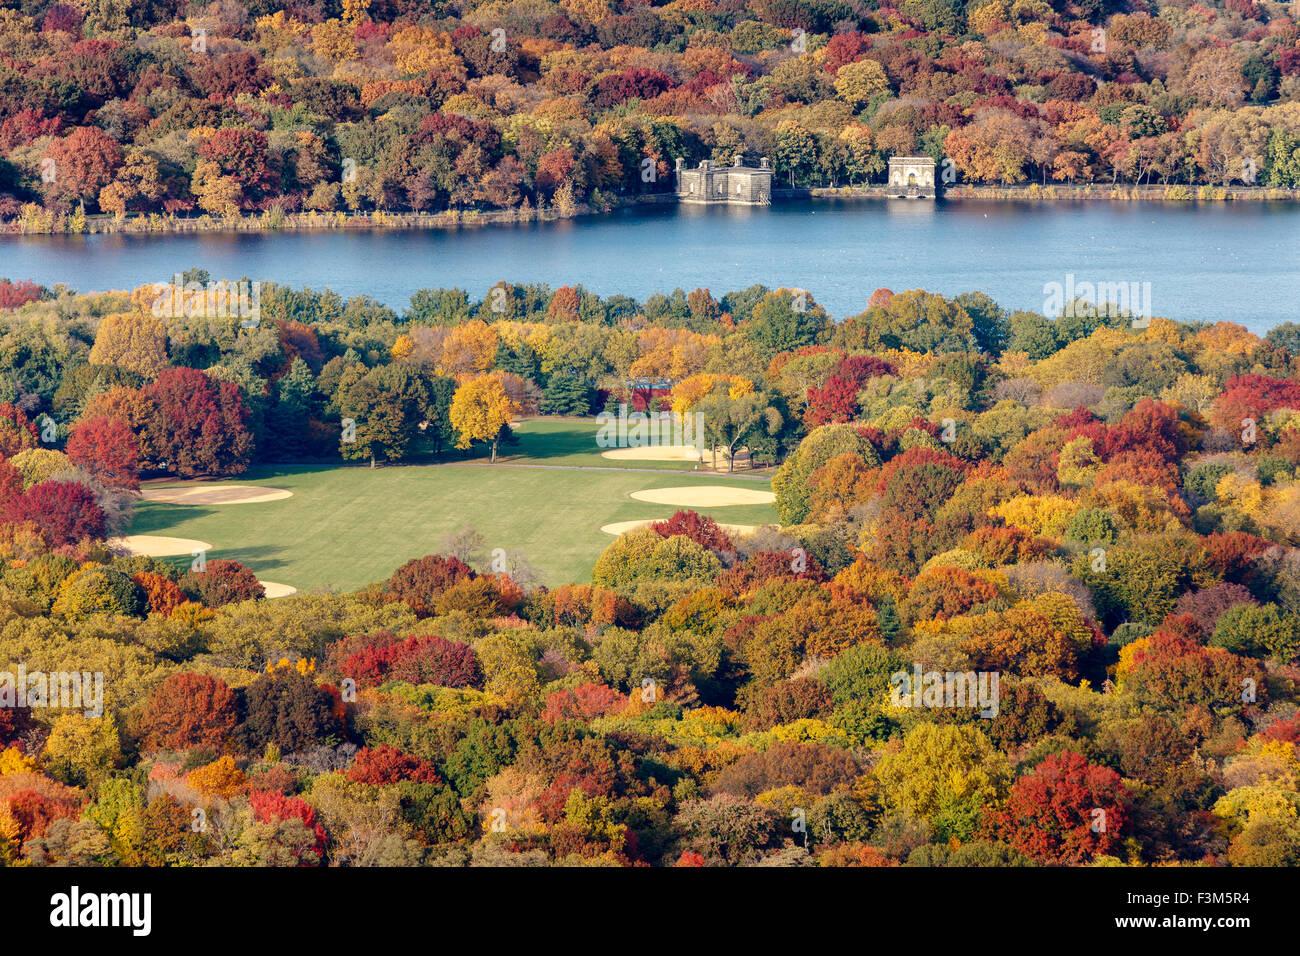 Vista aérea de la Gran césped y Reserva Jacqueline Kennedy Onassis en Central Park con los colores del follaje de otoño. Nueva York Foto de stock